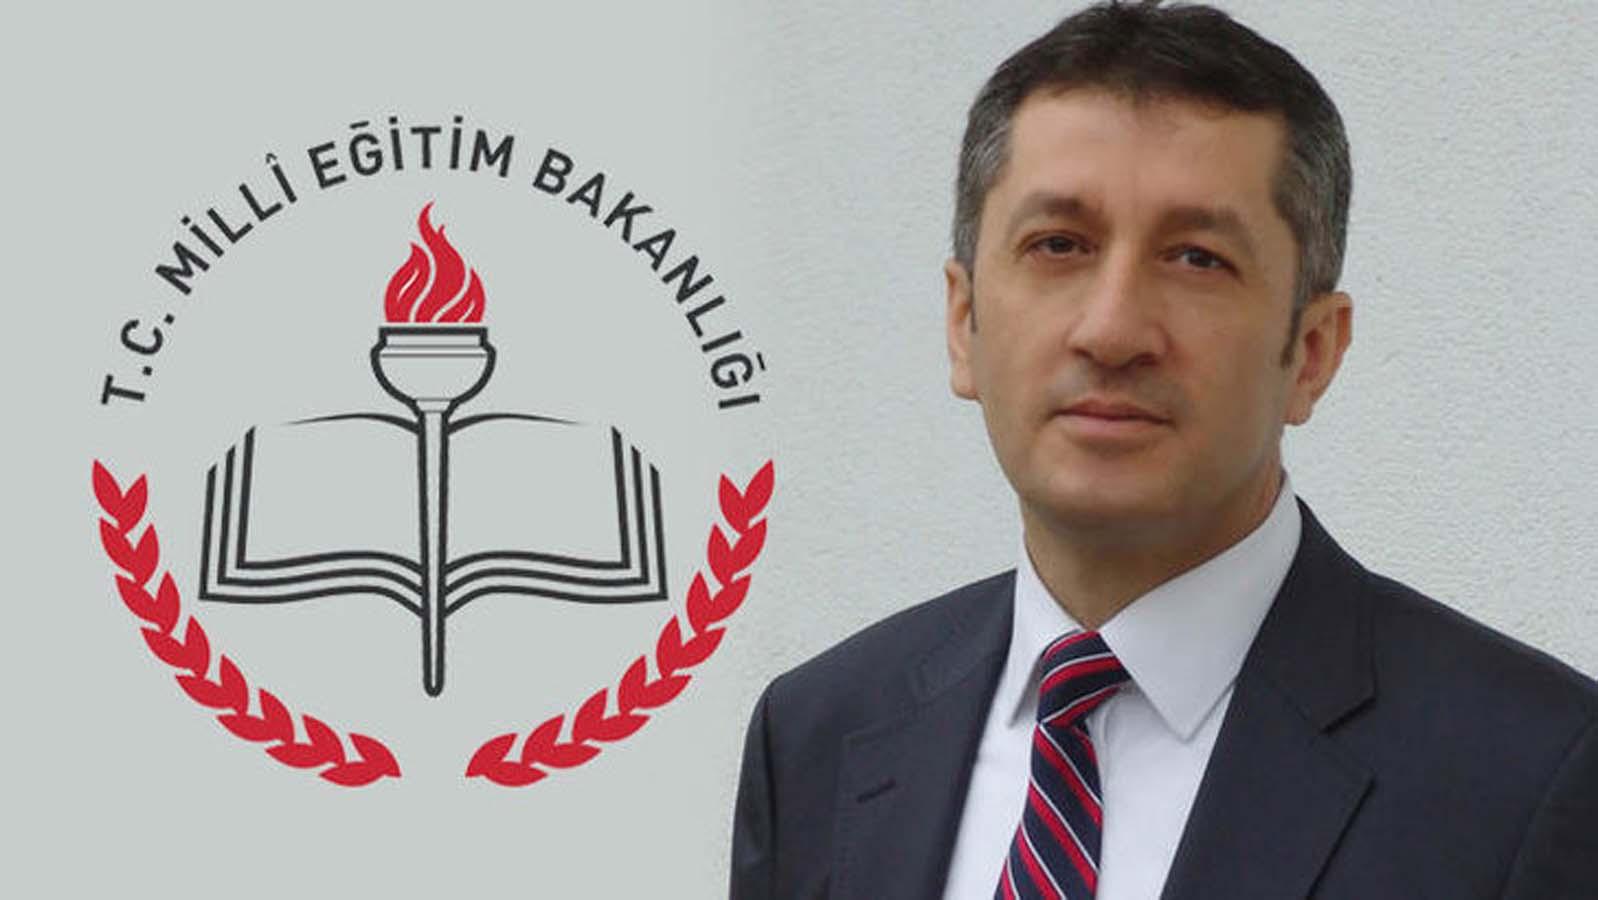 MEB Bakanı Selçuk'tan Önemli Açıklamalar